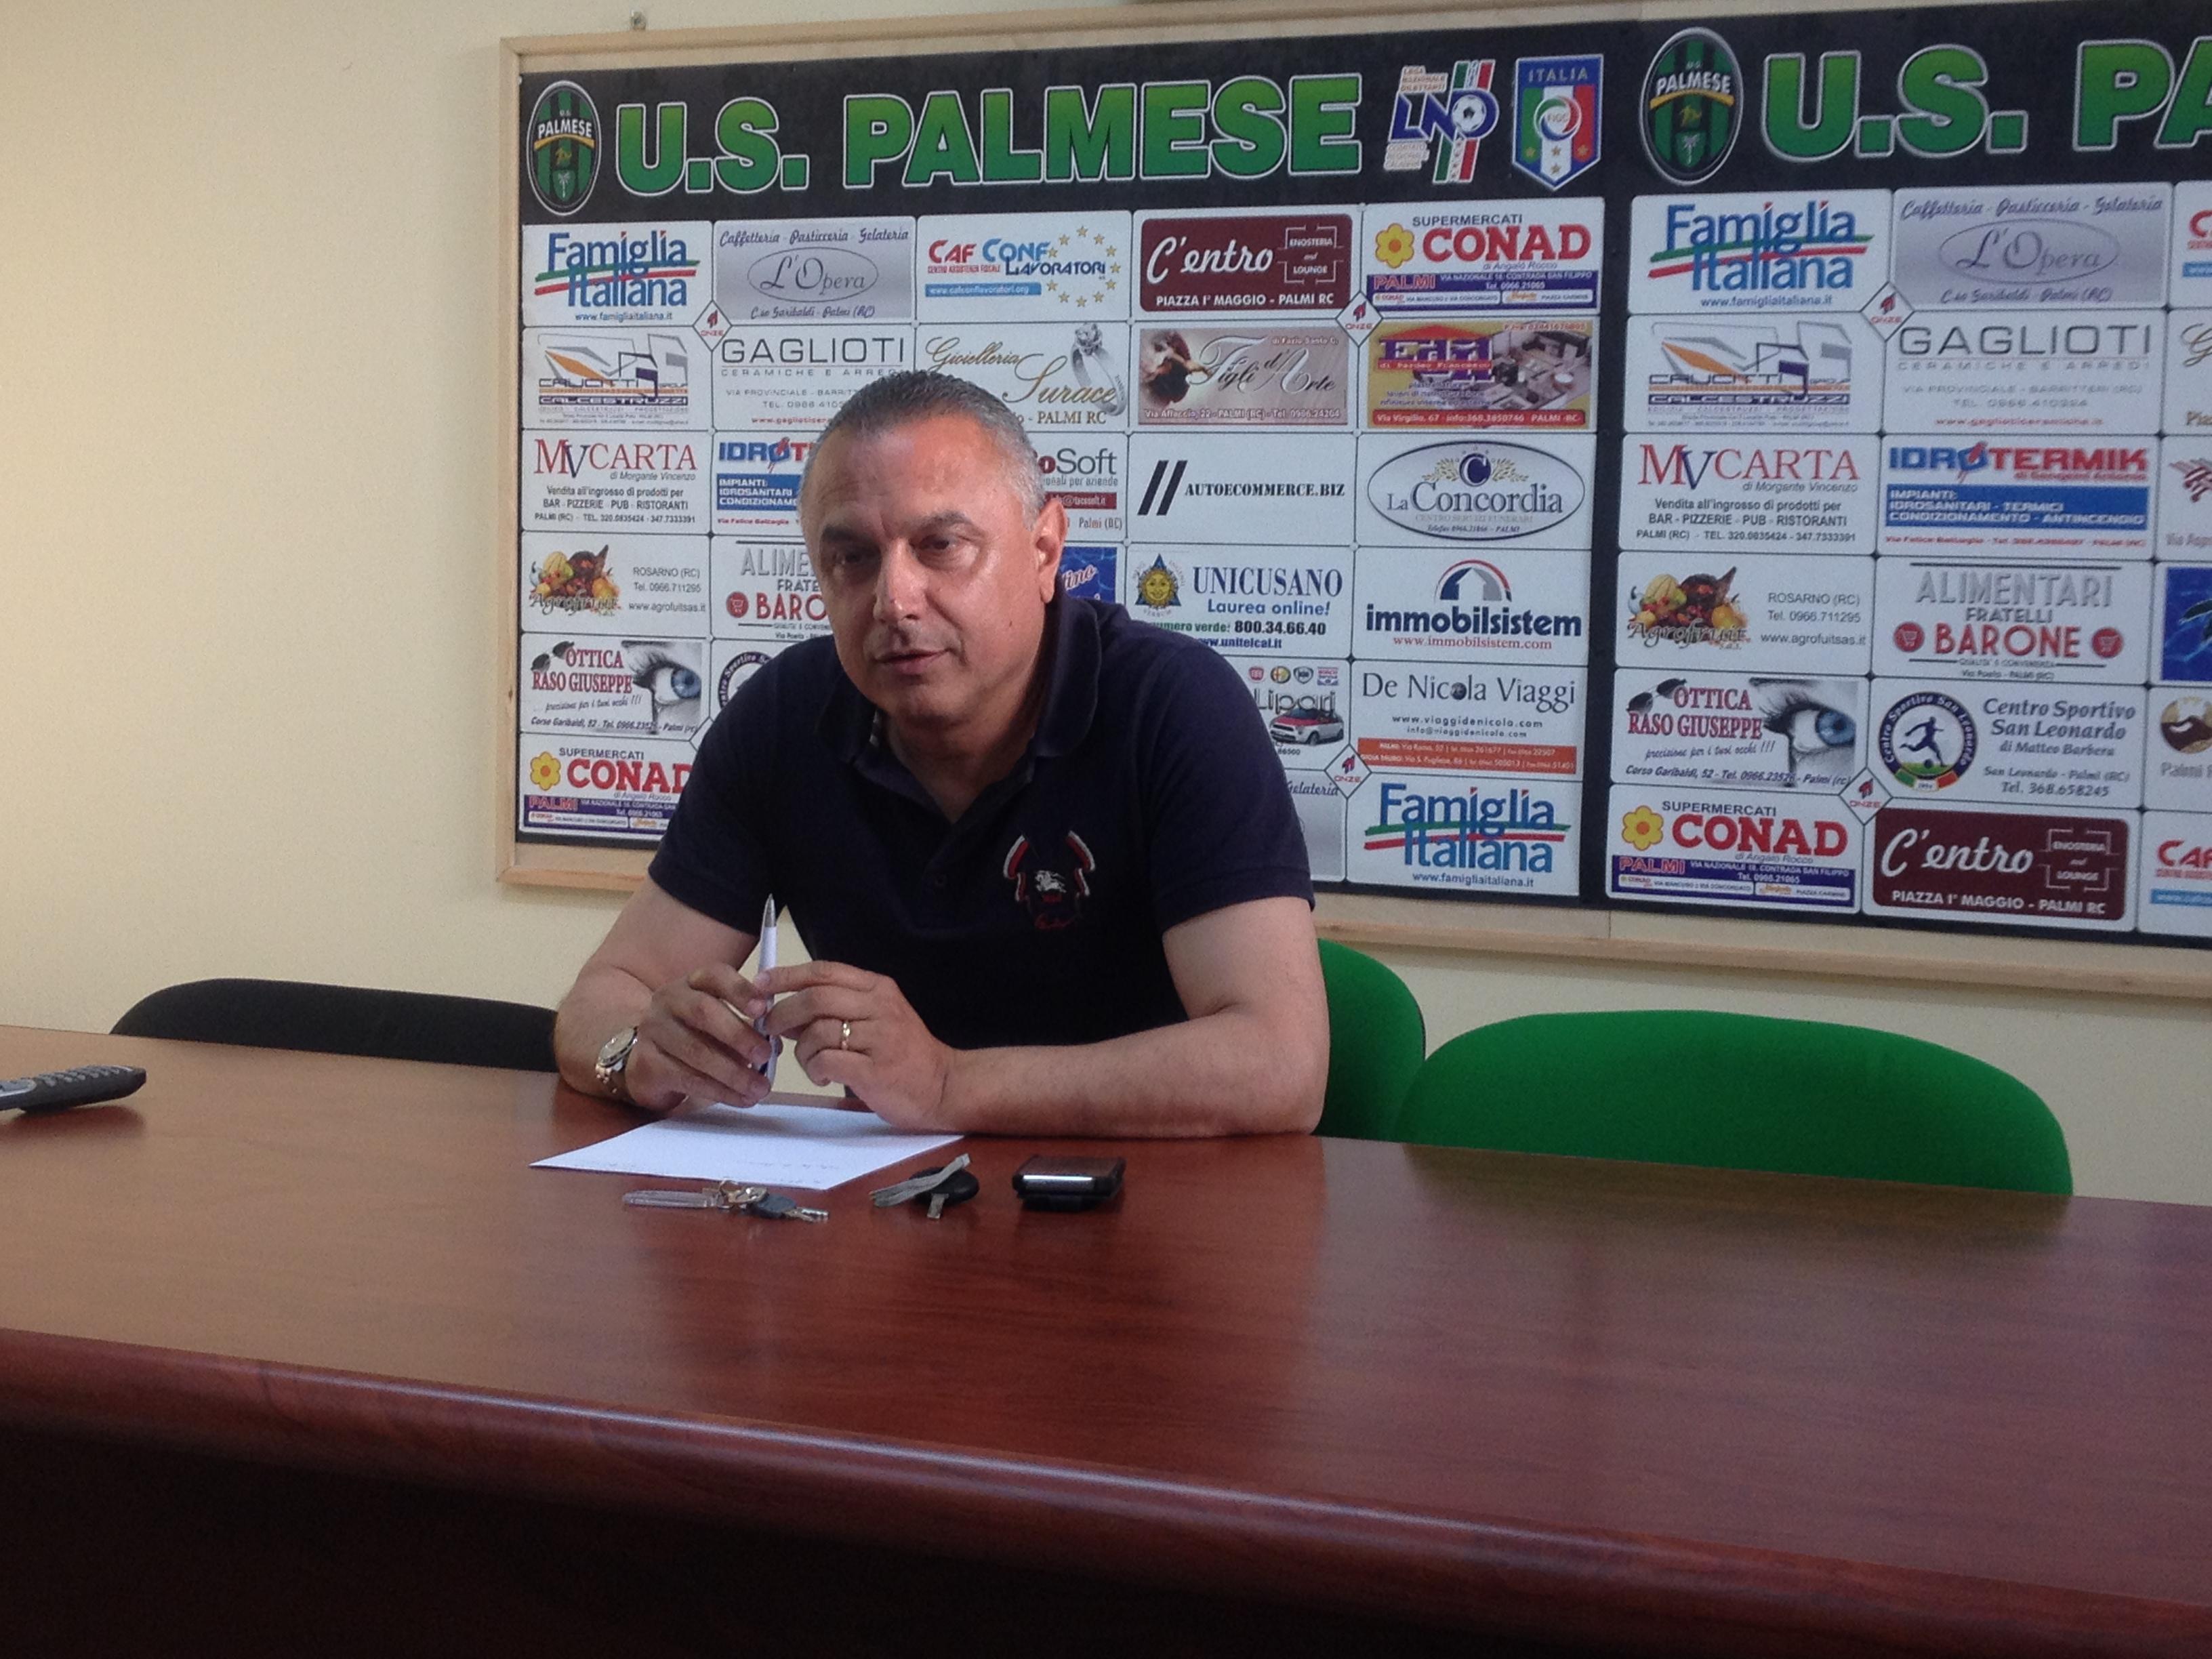 Il presidente della Palmese Pino Carbone